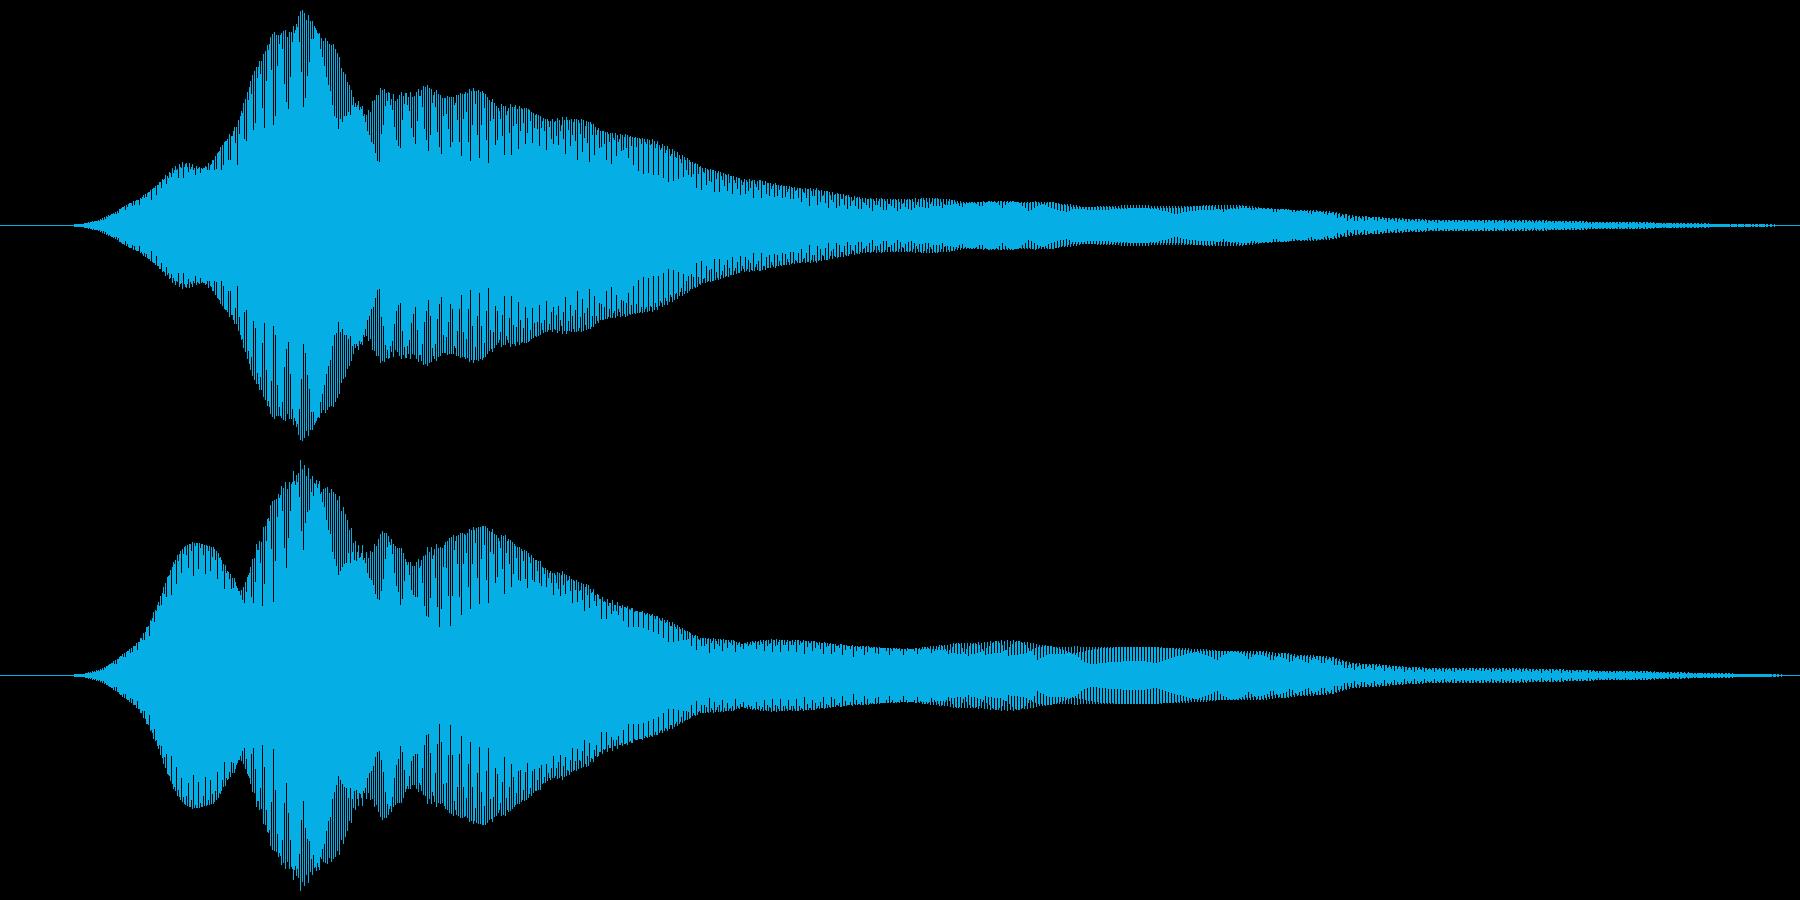 取る風 オノマトペ(下降)ヒュゥの再生済みの波形